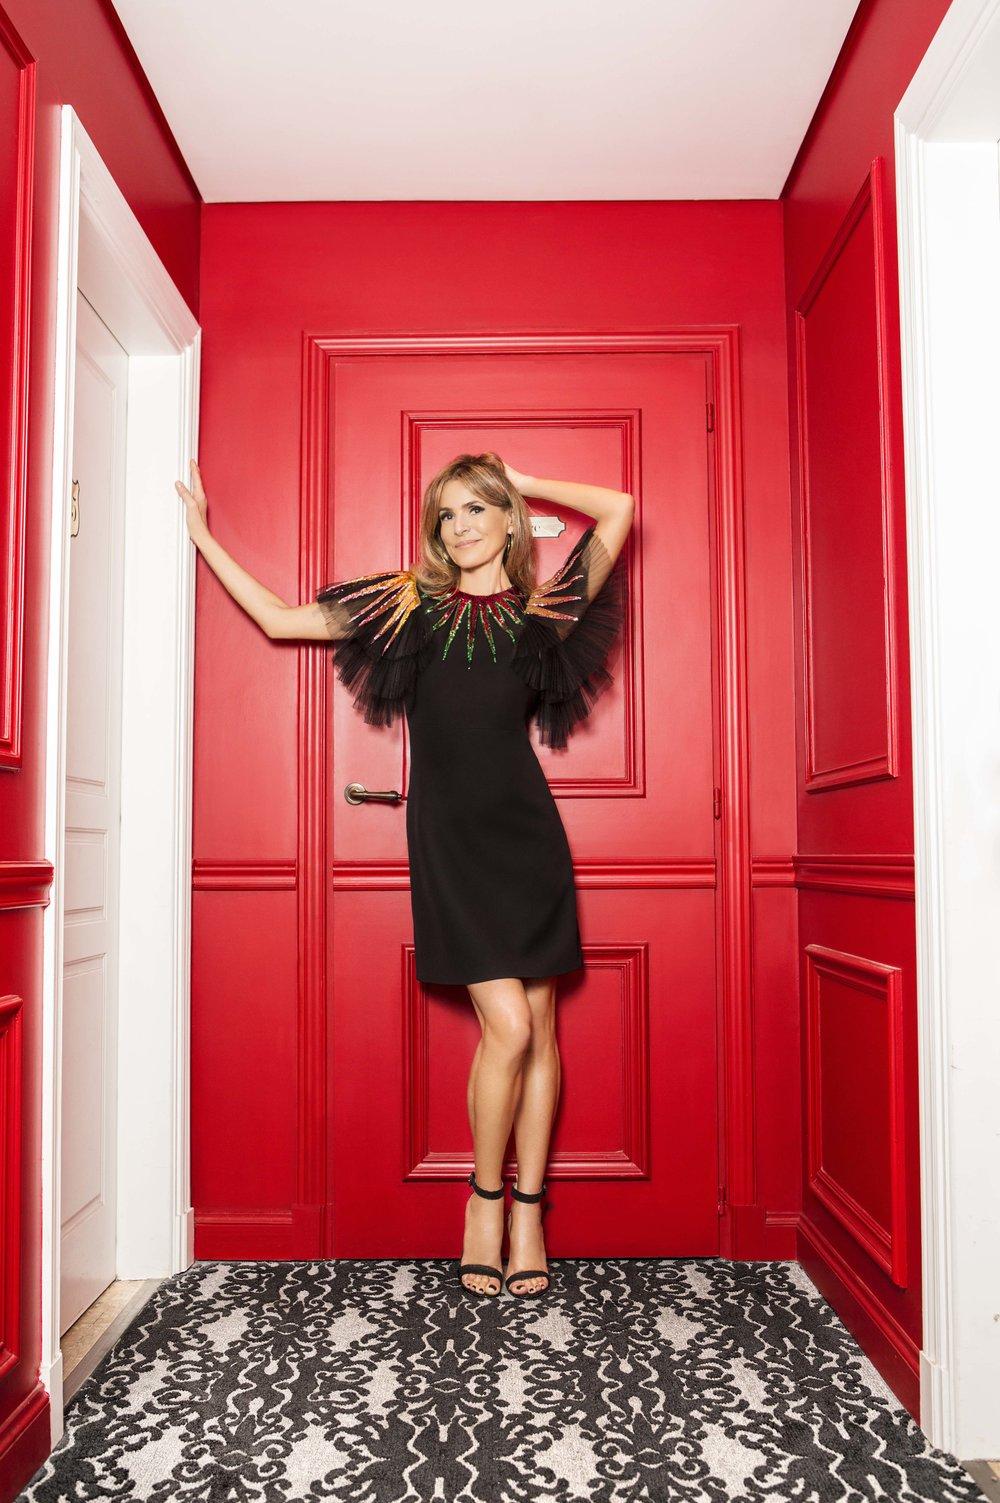 Rossella_Della_Giovampaola_Rosella_Hotel_Clasico_Buenos_Aires_Gucci_Vestido_Negro_Black_Dress_.jpg